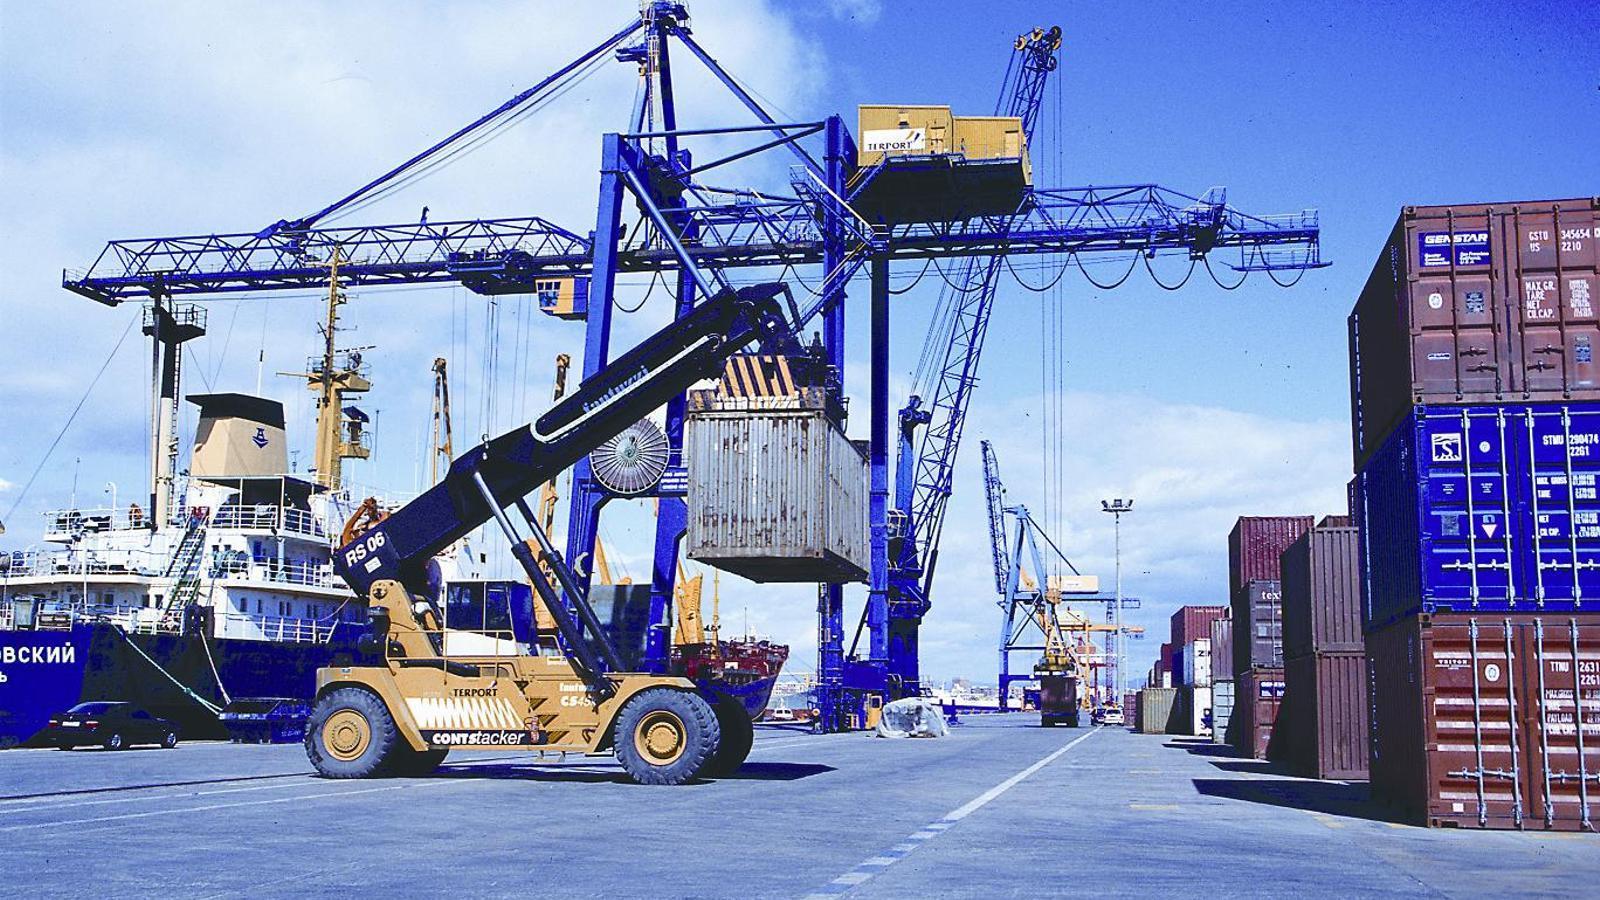 Les exportacions del País Valencià van sumar 12.751,2 milions d'euros entre gener i juny de 2014. / ARA